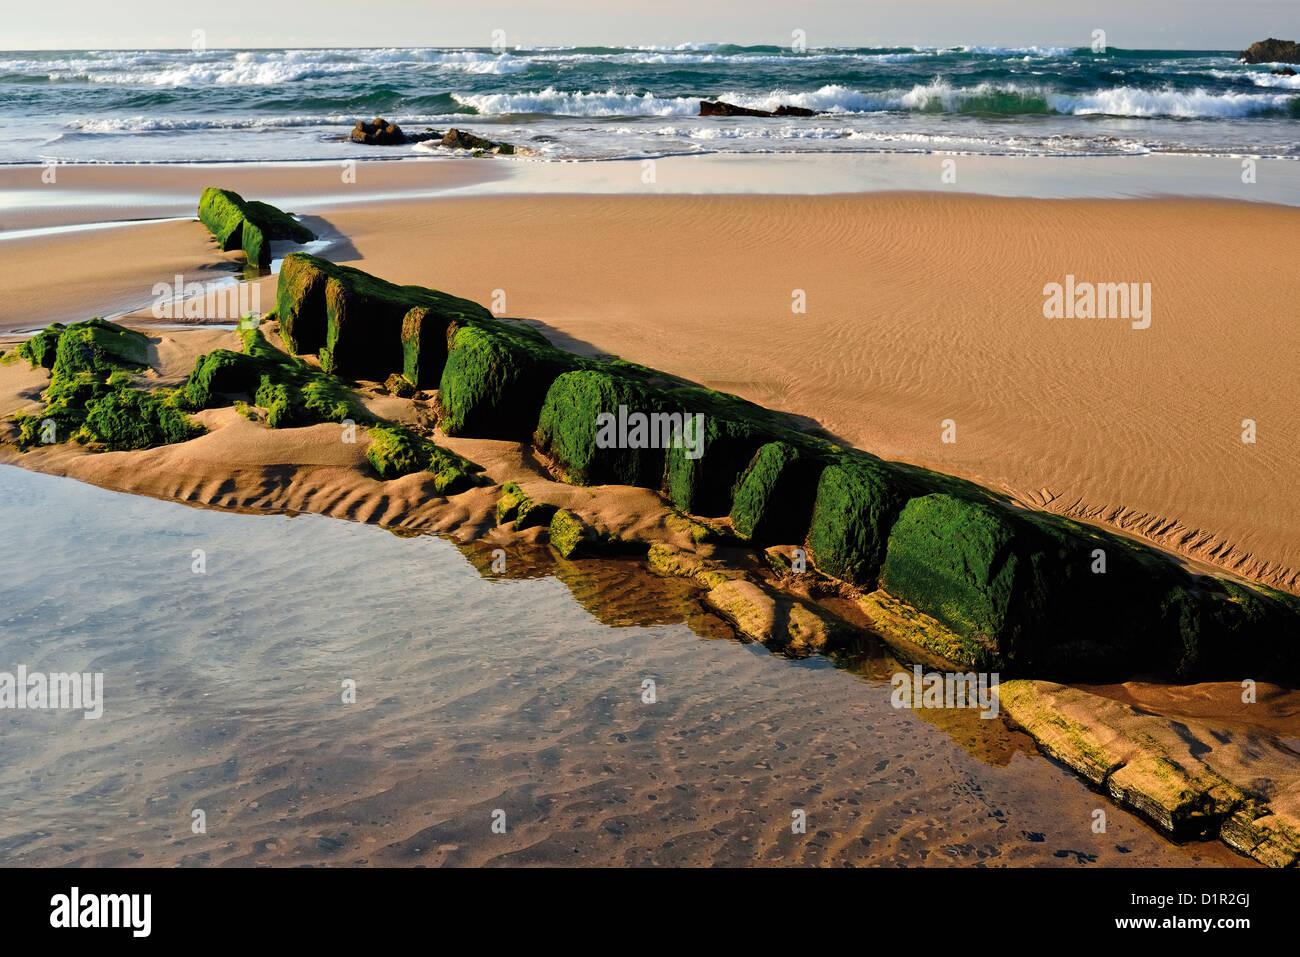 Portugal, Algarve: reflujo en la playa Praia da Amoreira en Aljezur Foto de stock